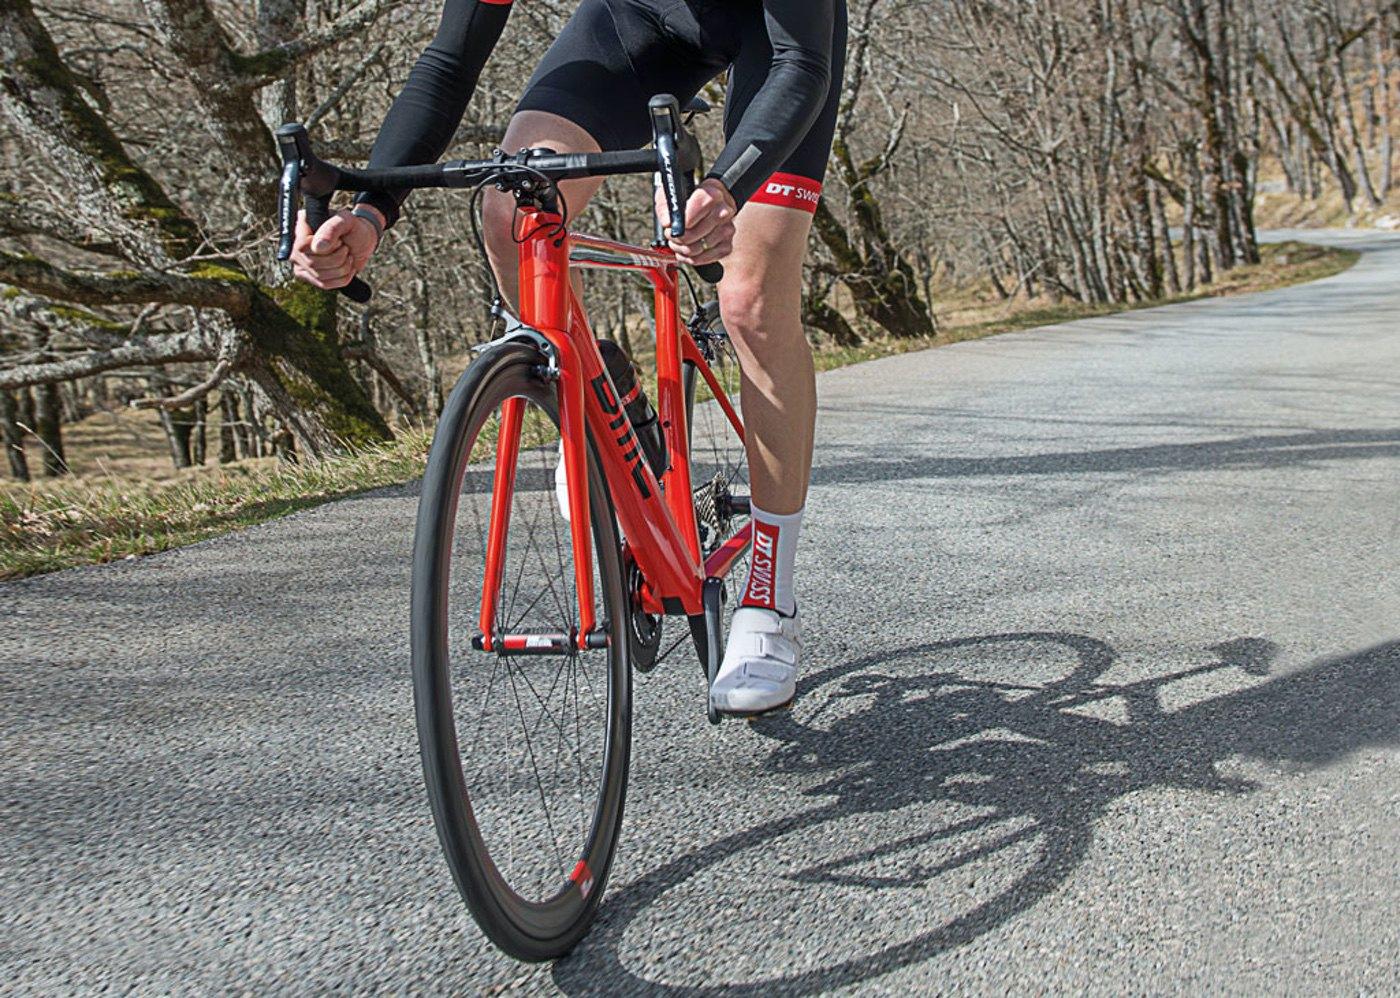 DT Swiss RC Spline 38 - Mon Chasseral la tecnología más innovadora aplicada a unas ruedas más versátiles